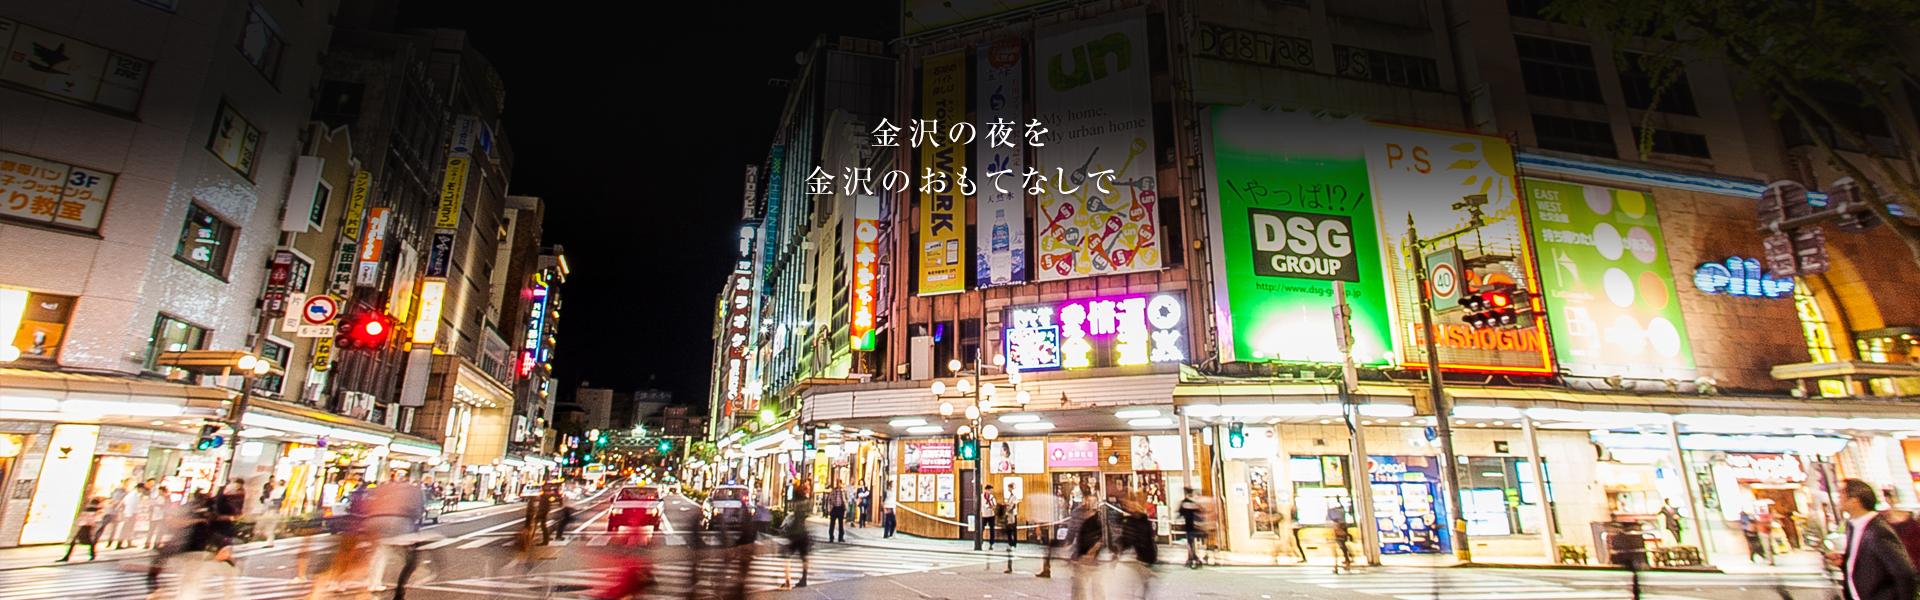 【新作入荷!!】 637-407 グレーキャンバス 637407 クーパーバックパックスリム-カメラ